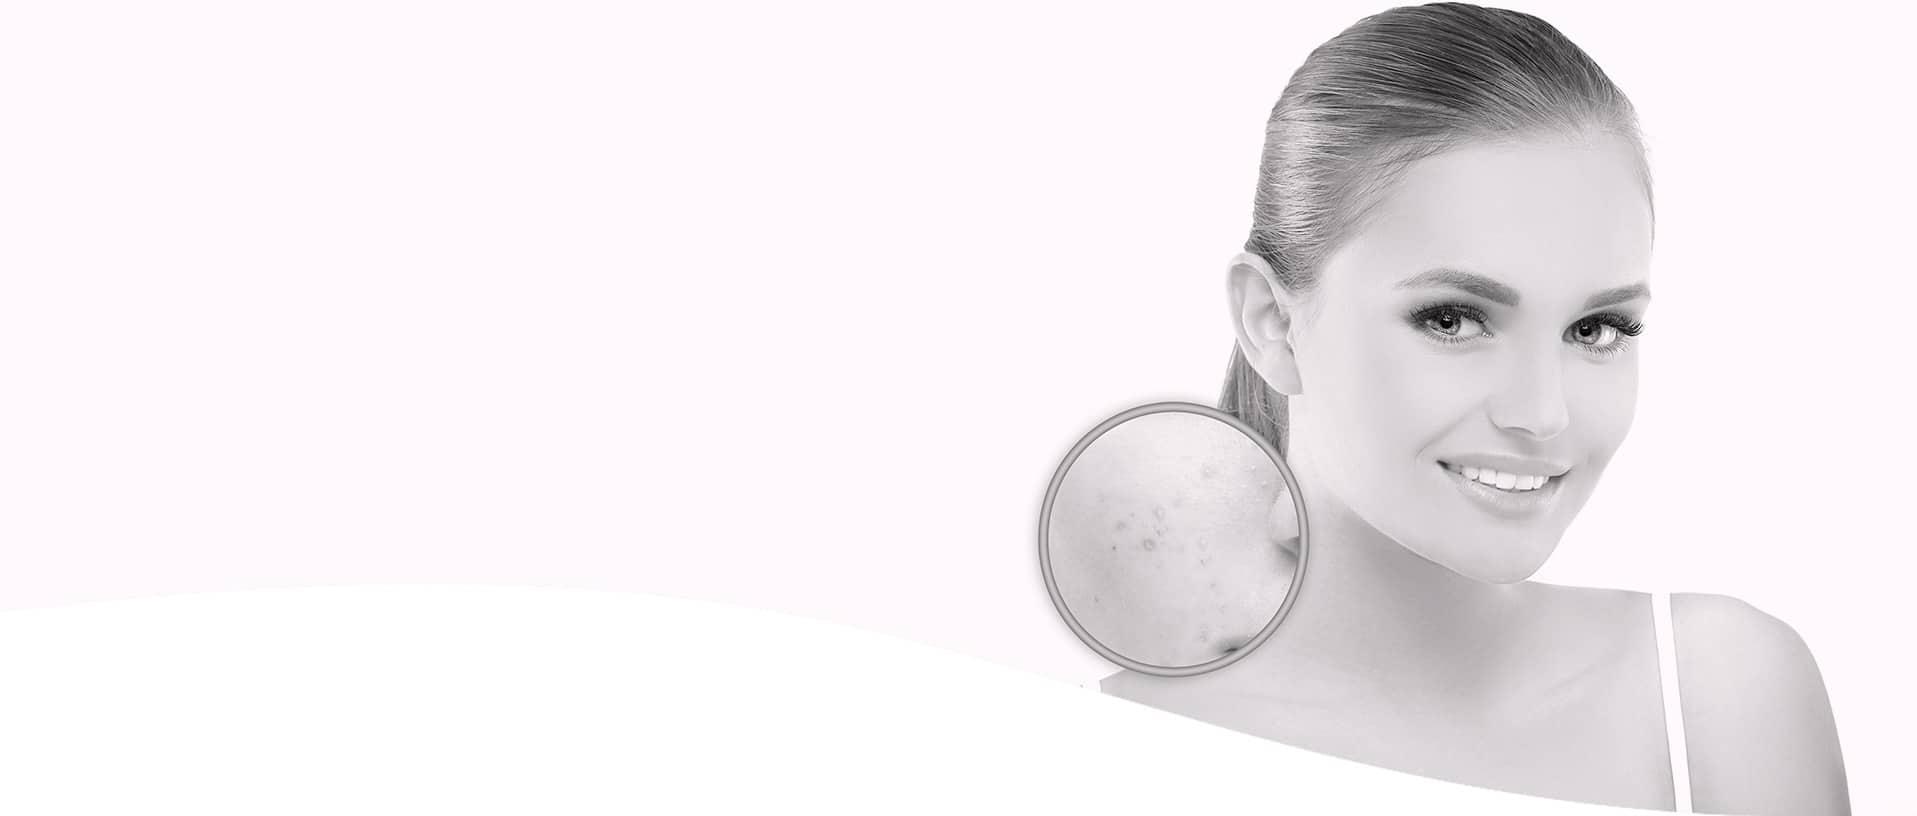 Traitement Couperose & Rosacée | Traitement Médico Esthétique au Laser